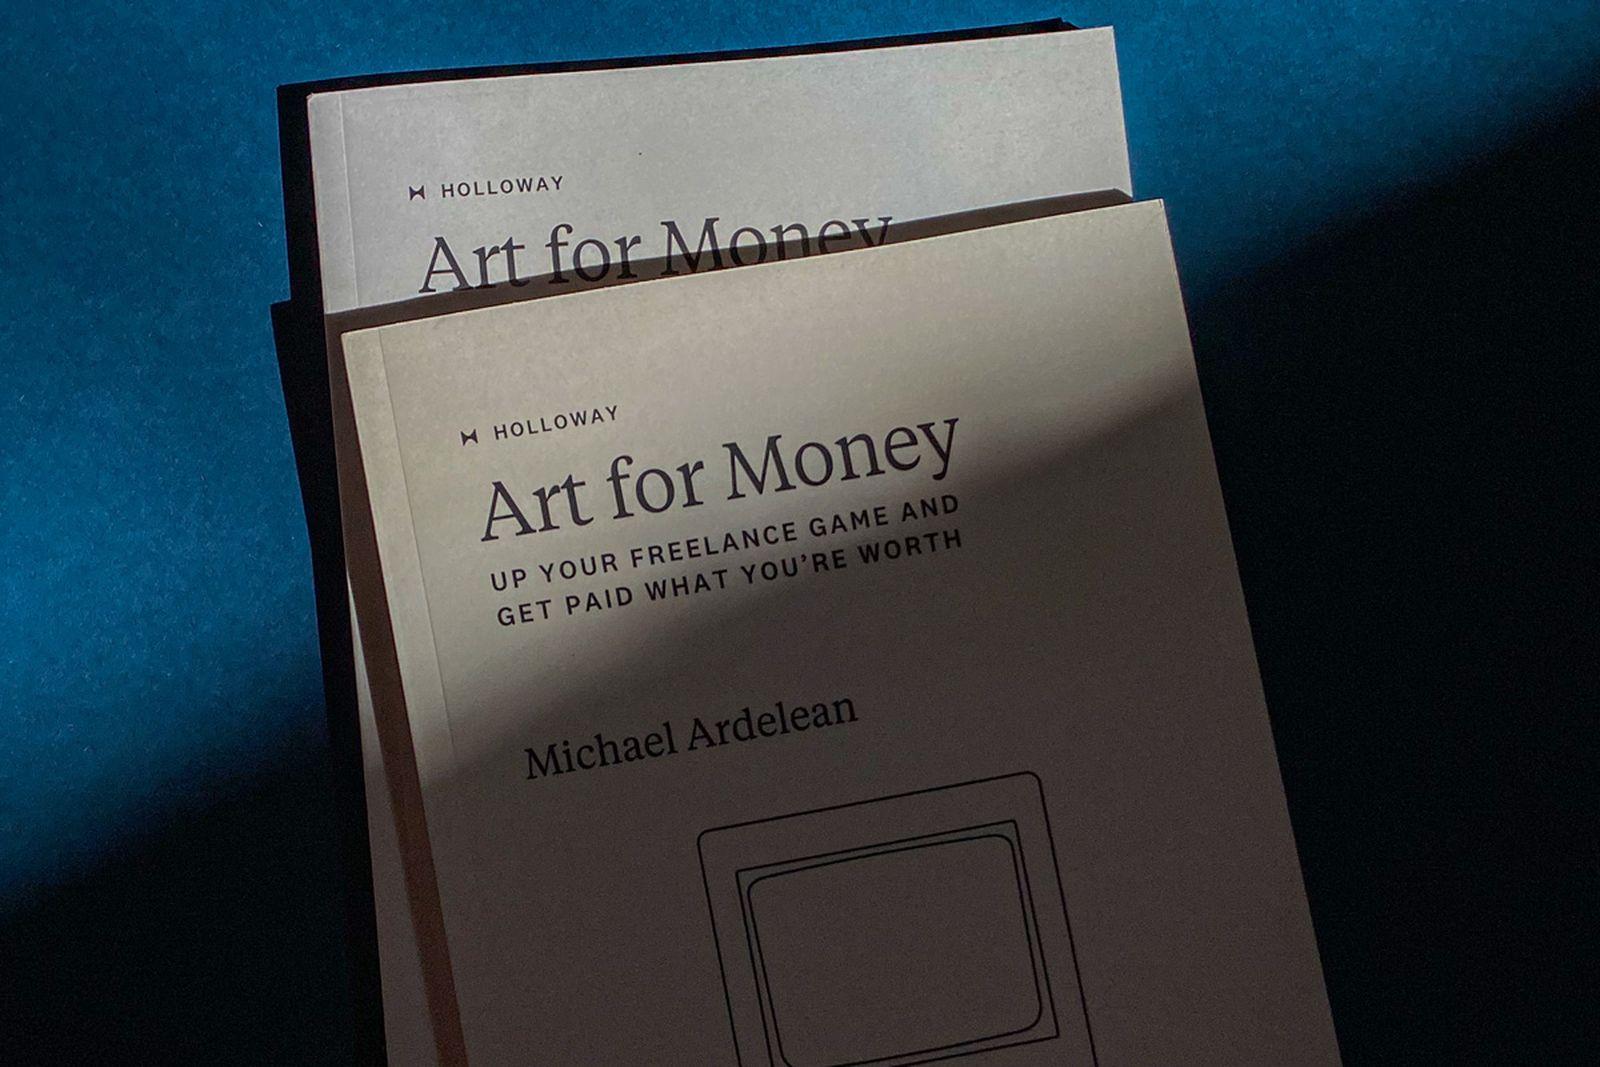 Art-for-Money-main